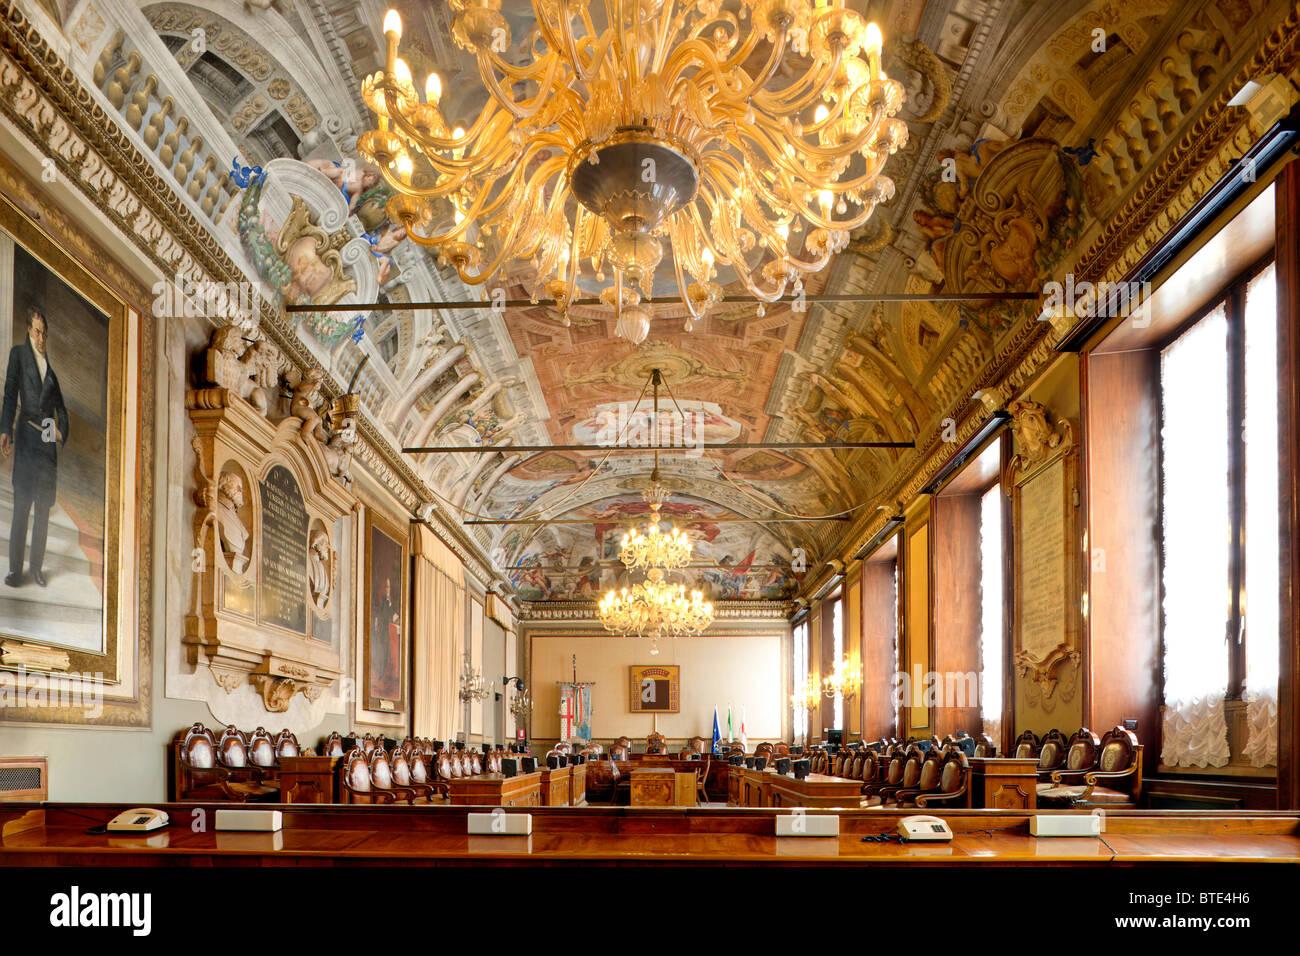 Bologna Sala del Consiglio Comunale - City Council Hall - in Il Palazzo Comunale (Palazzo d'Accursio) - Stock Image